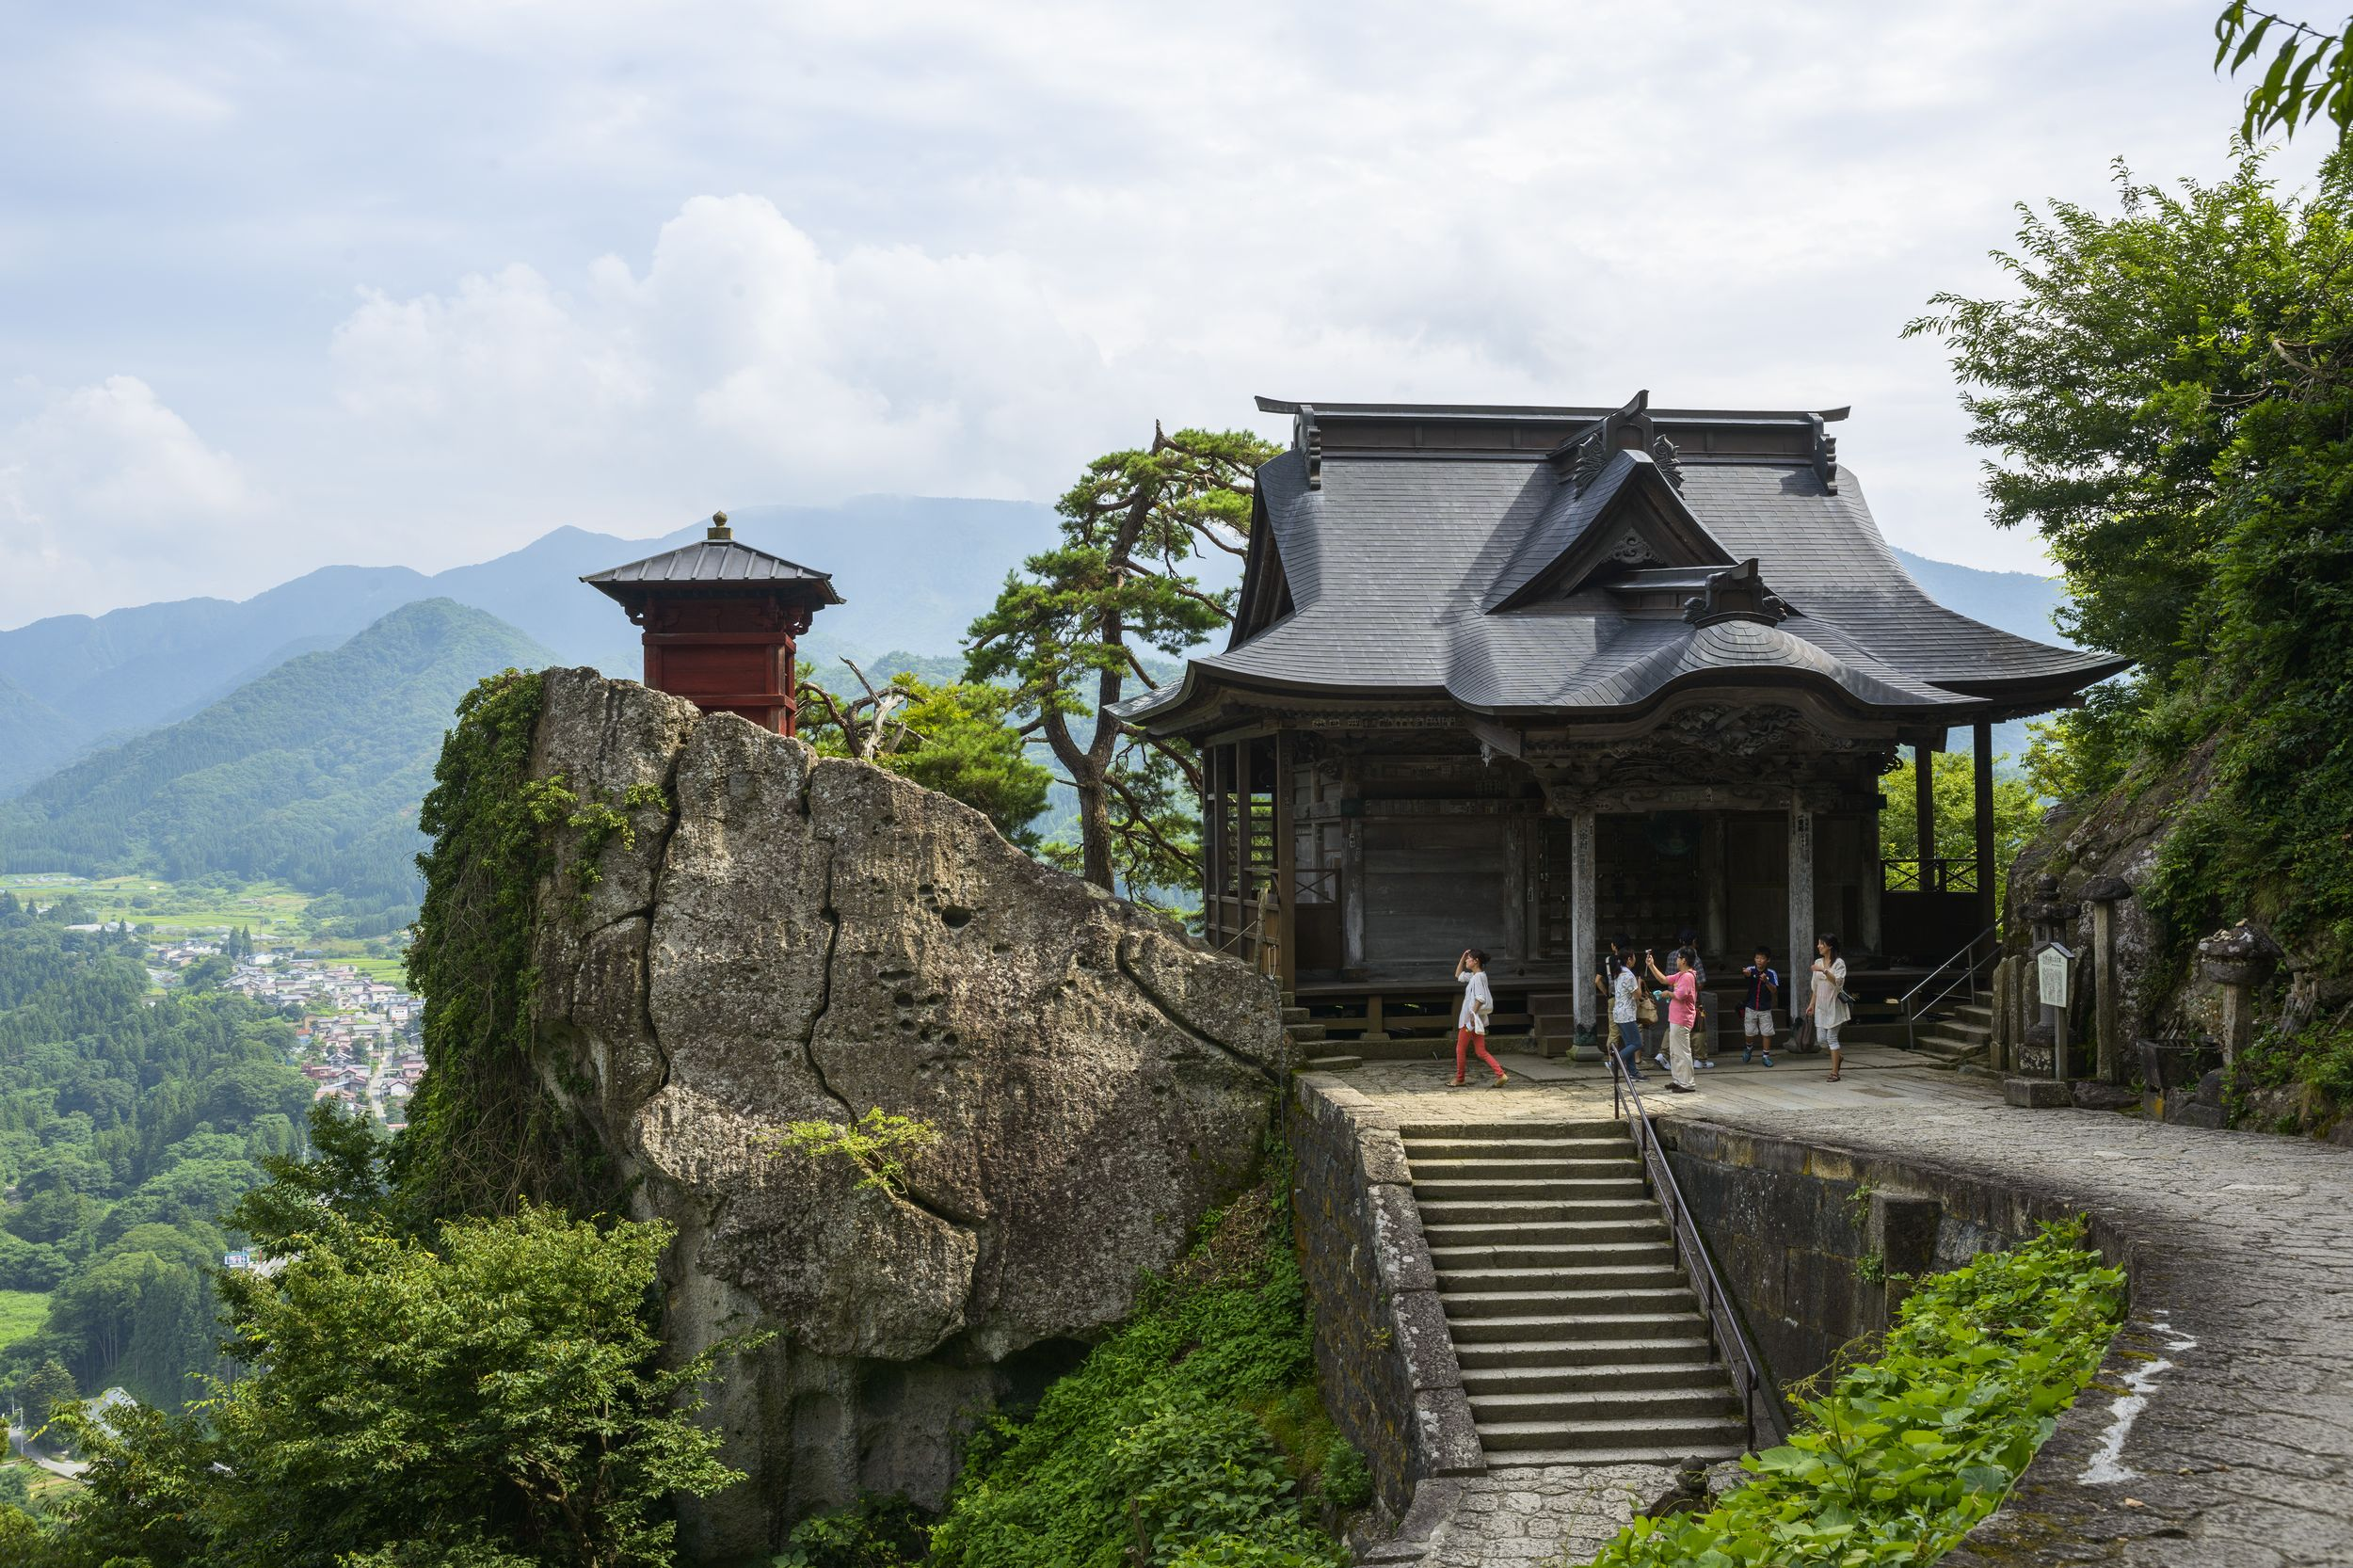 【推薦給首次到訪山形的旅客!】前往山寺的交通方式・周邊景點完全攻略